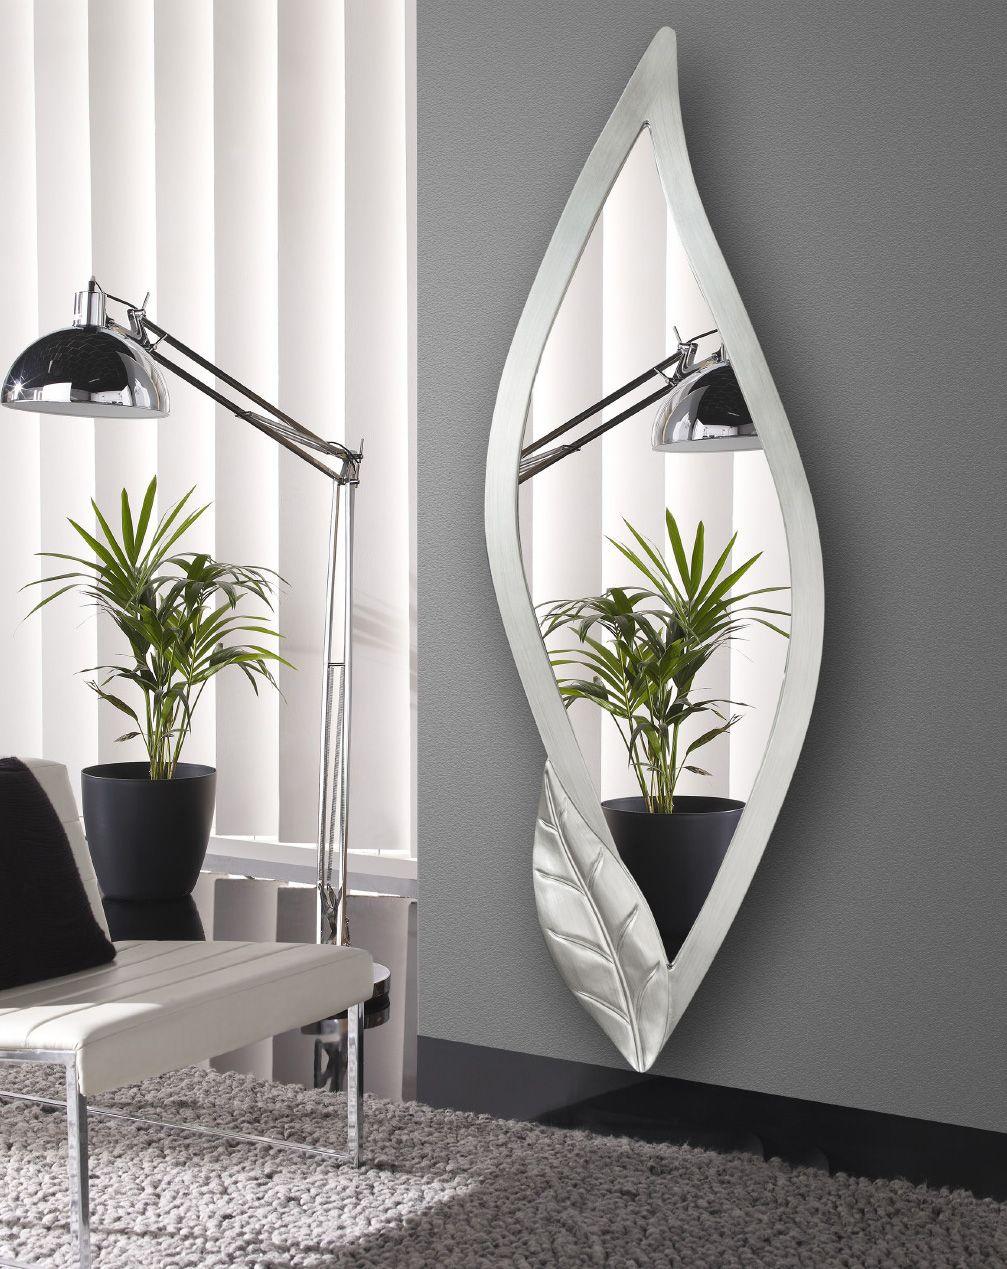 Espejo vestidor pared espejo vestidor decorado espejo en for Espejos decorativos para pasillos